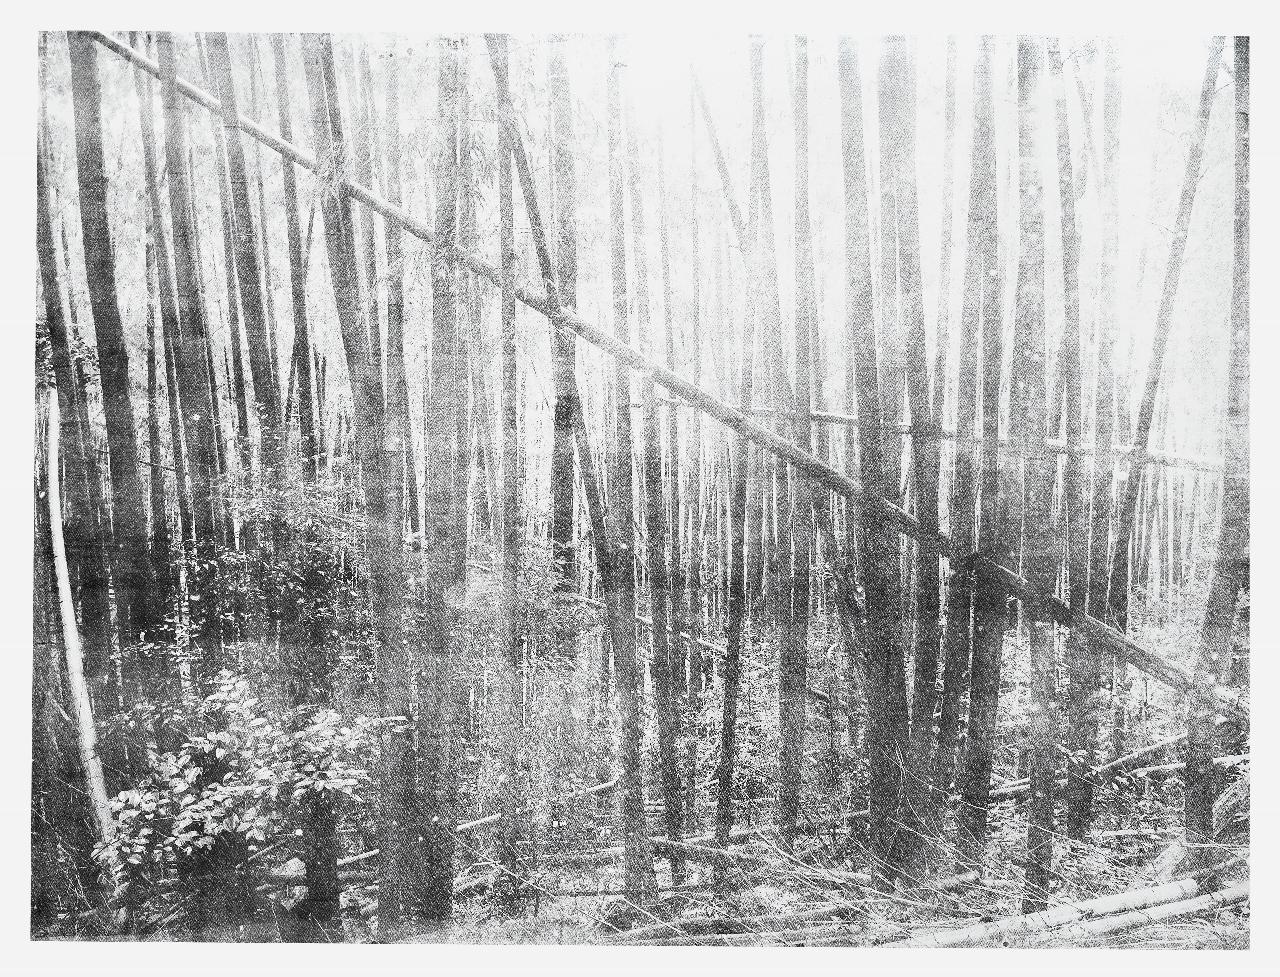 Cécile Wick, Wald I, 2017, Lithographie, 152 x 250 cm. © Cécile Wick